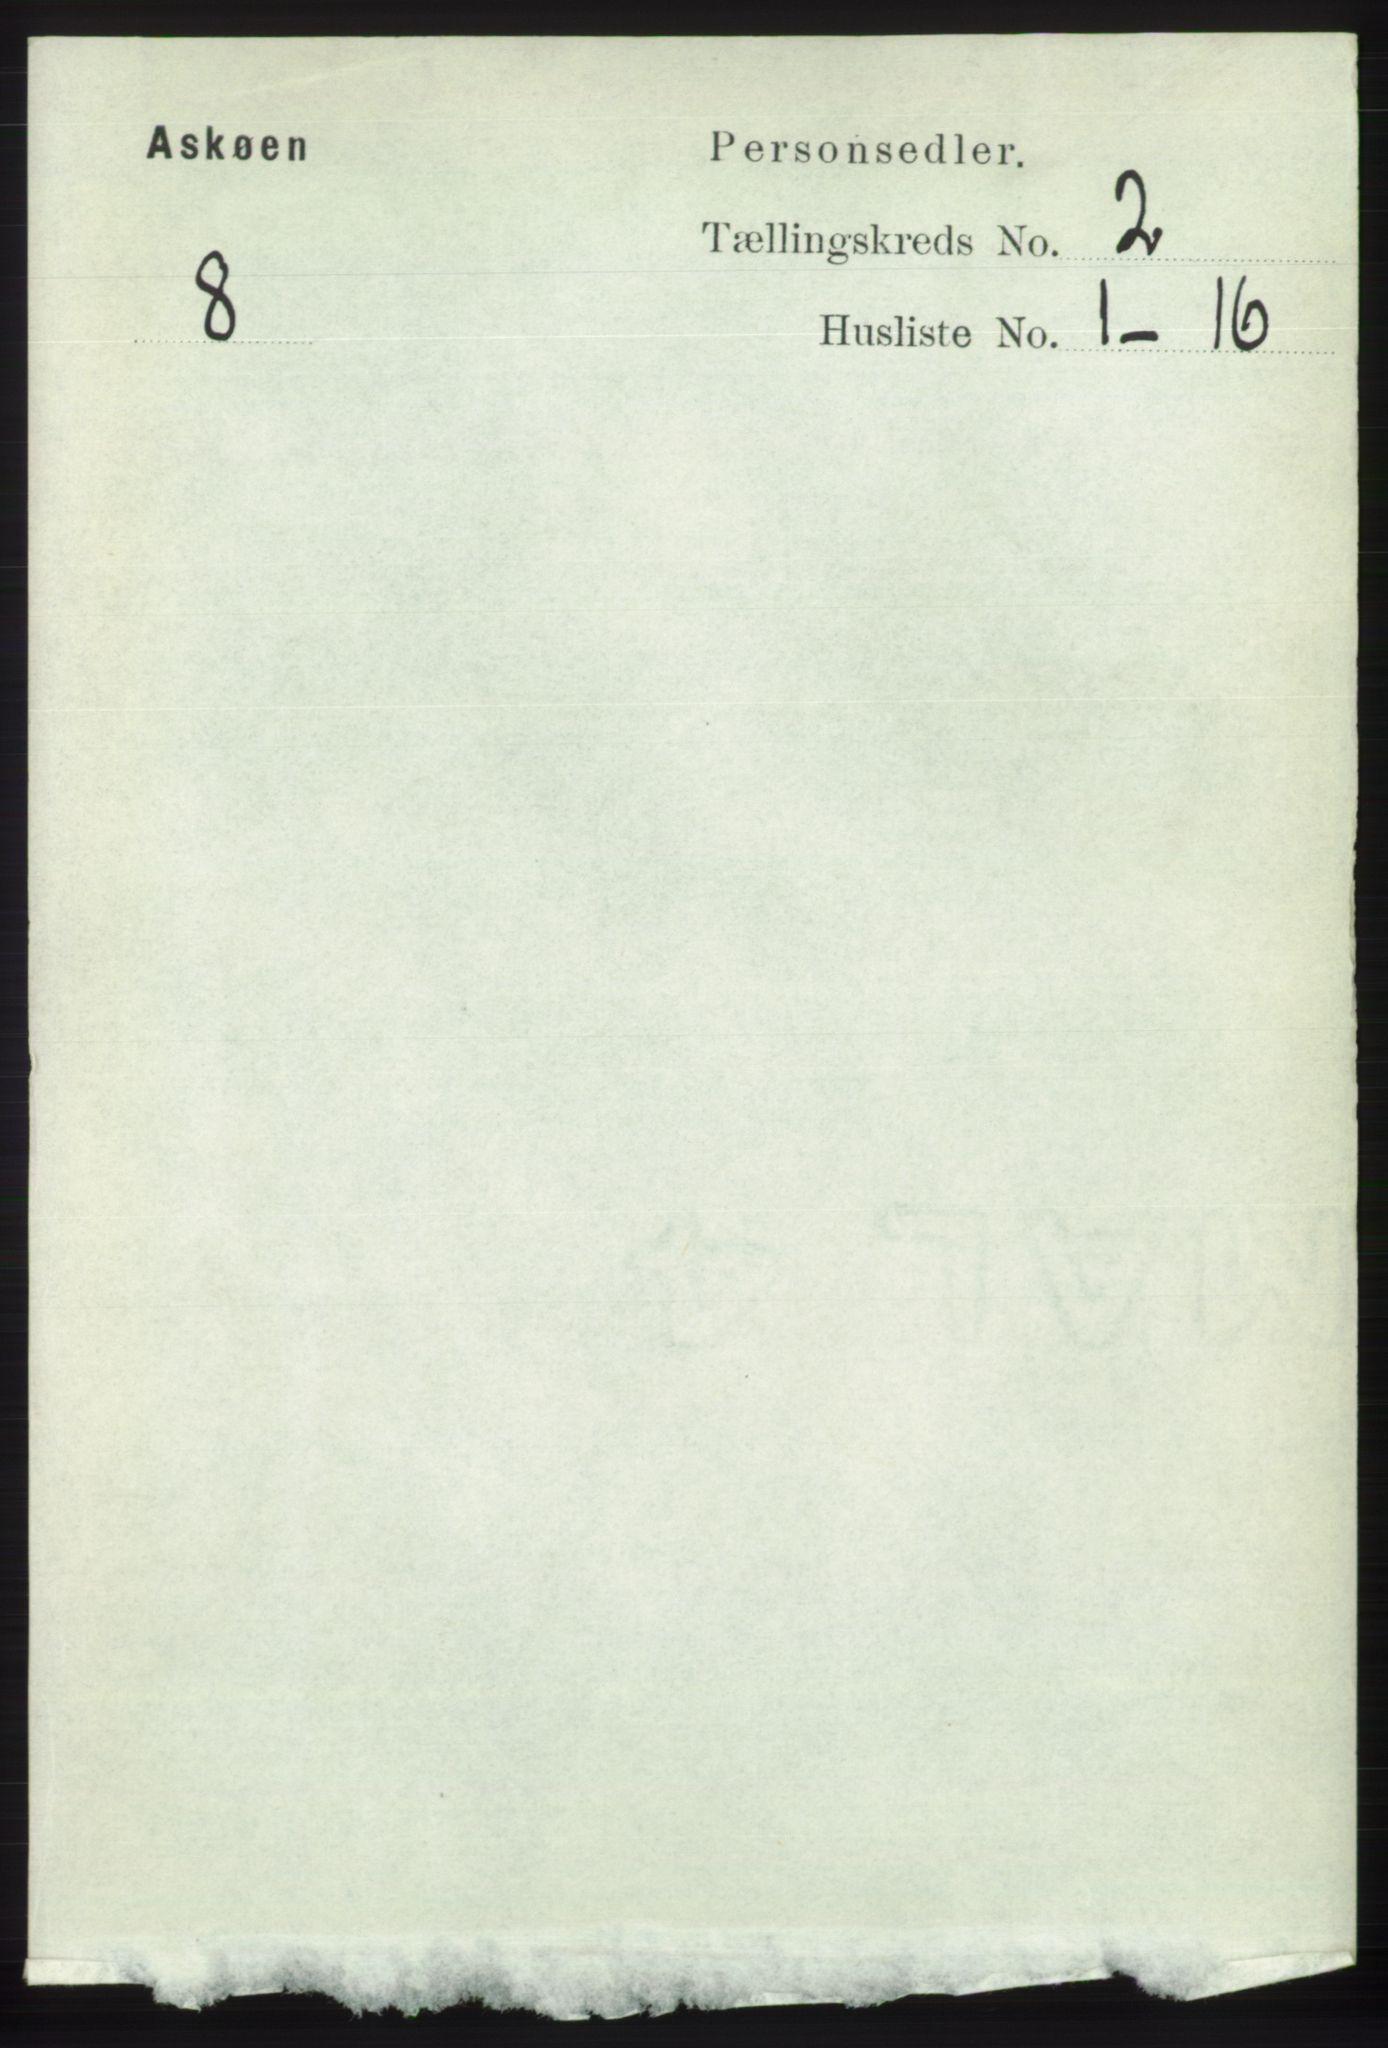 RA, Folketelling 1891 for 1247 Askøy herred, 1891, s. 1081